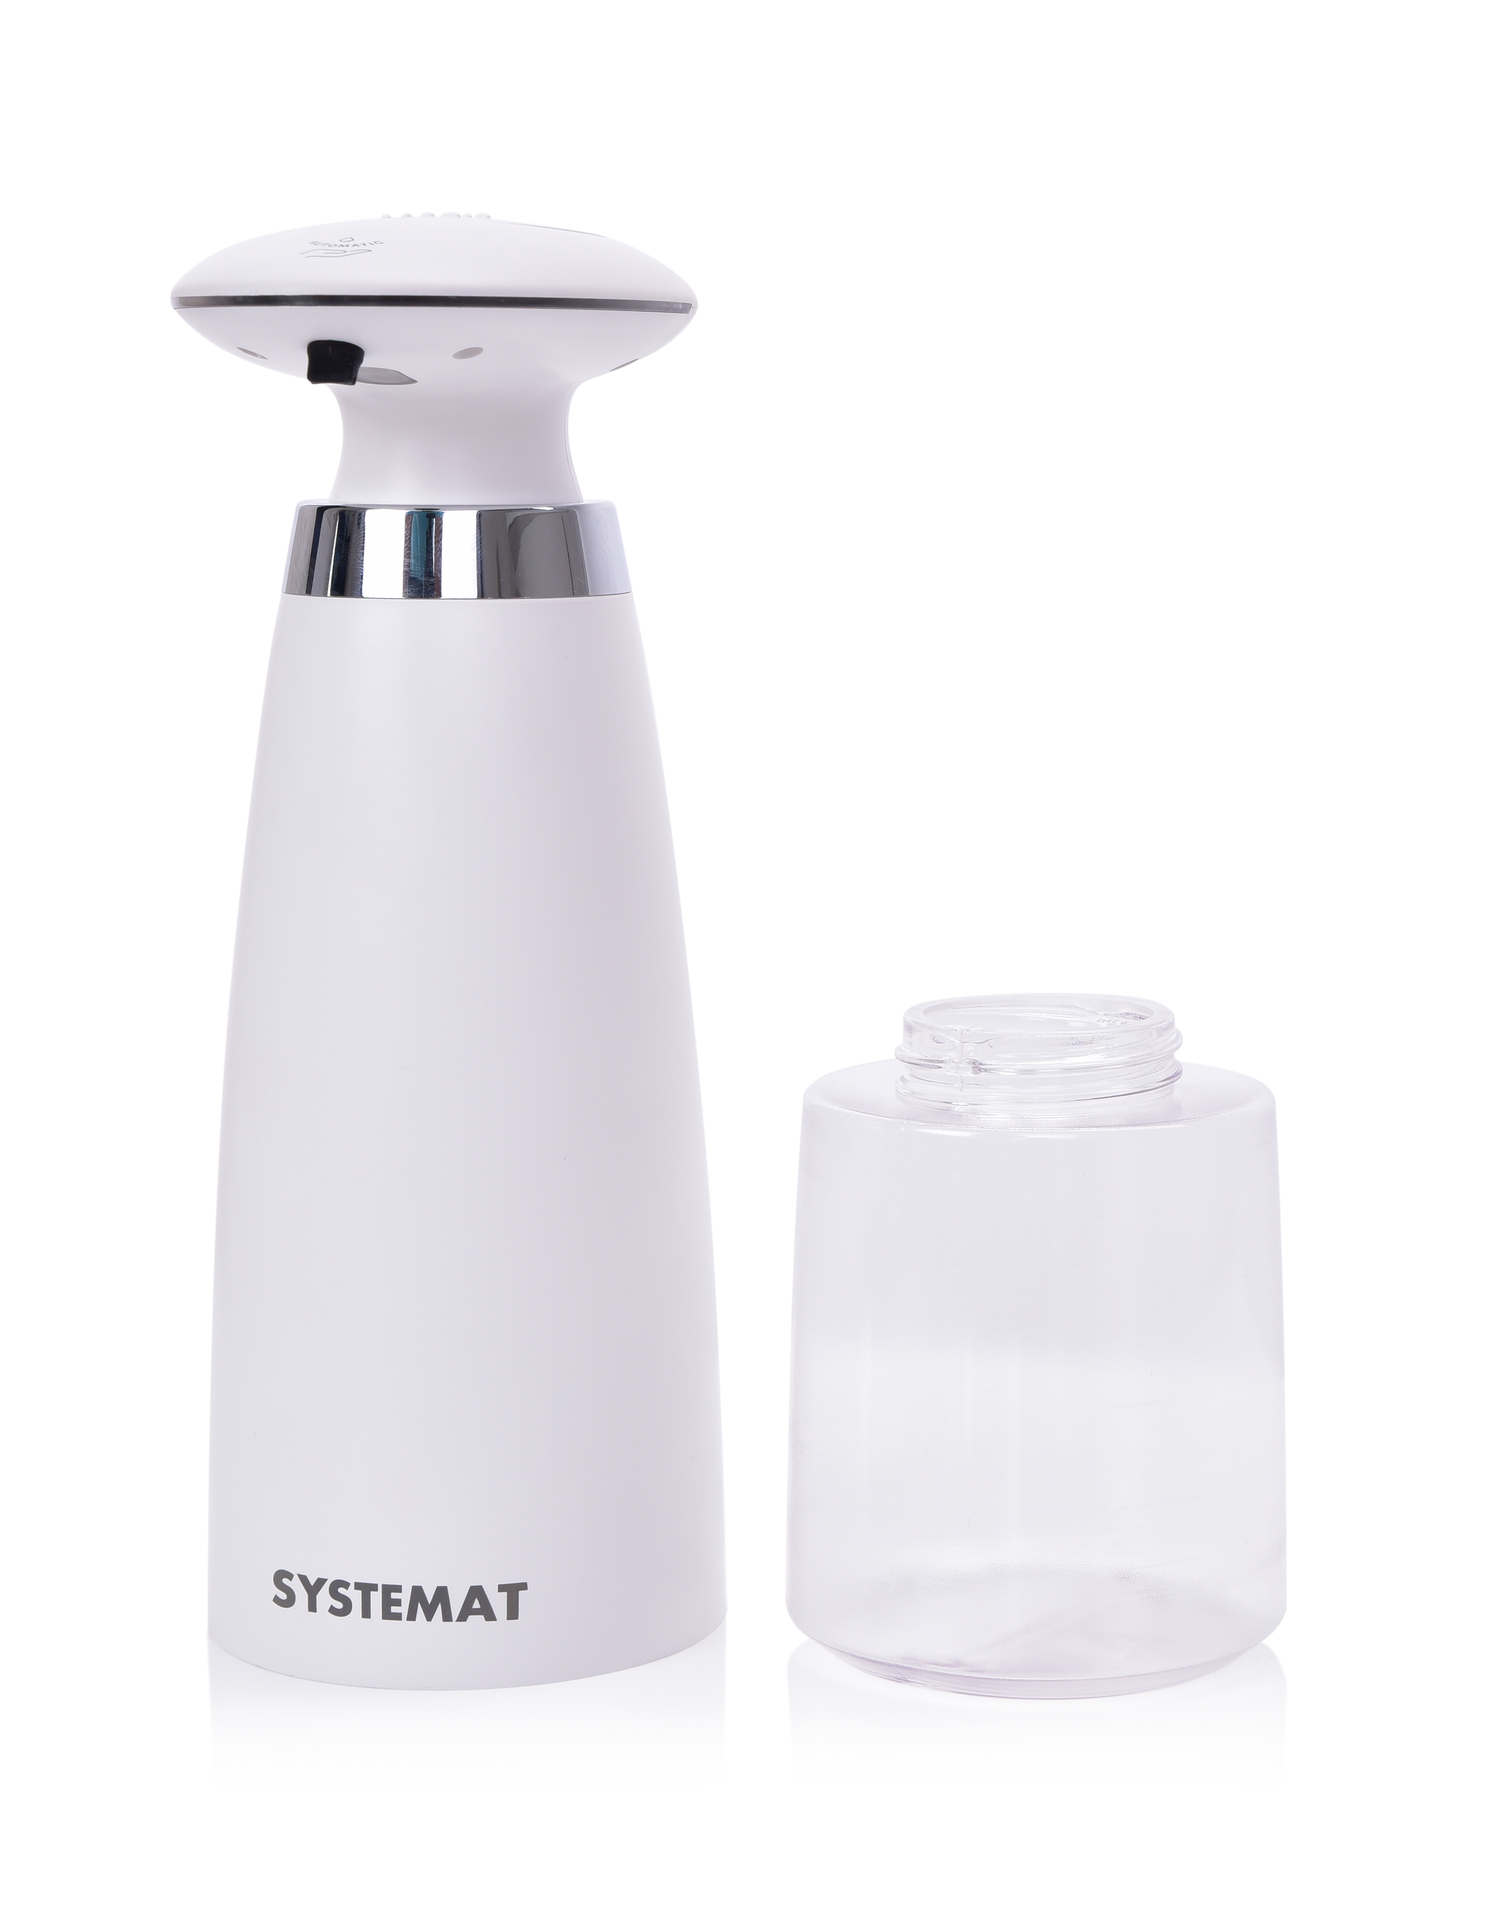 HYGIENICKÝ BEZDOTYKOVÝ automatický DÁVKOVAČ mýdla, šampónů a mycích prostředků